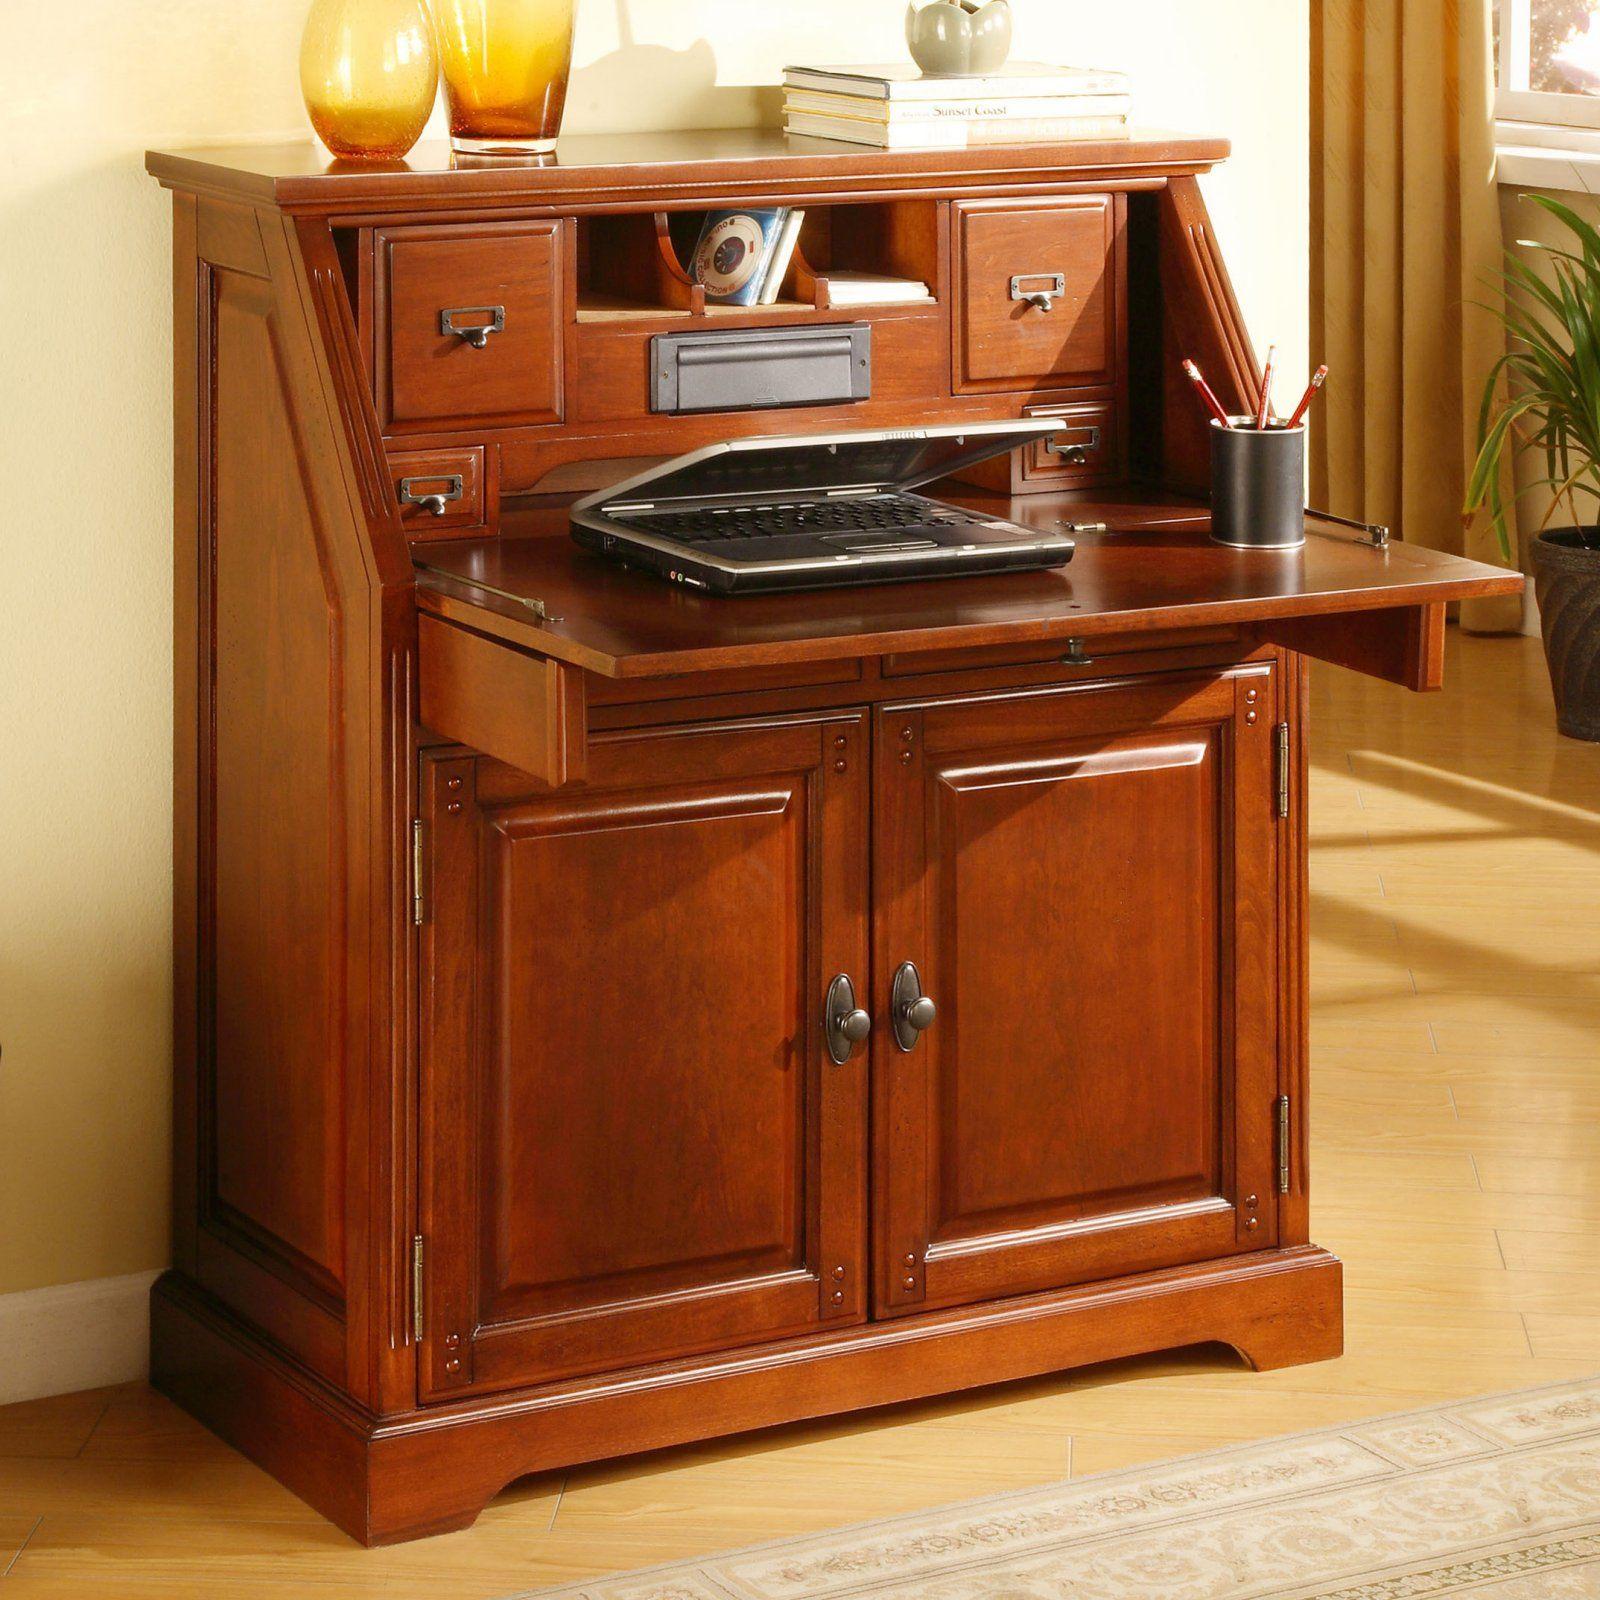 A Secretary Desk That Looks Almost Like This Muebles Madera Maciza Escritorio De Secretaria Mueble Escritorio